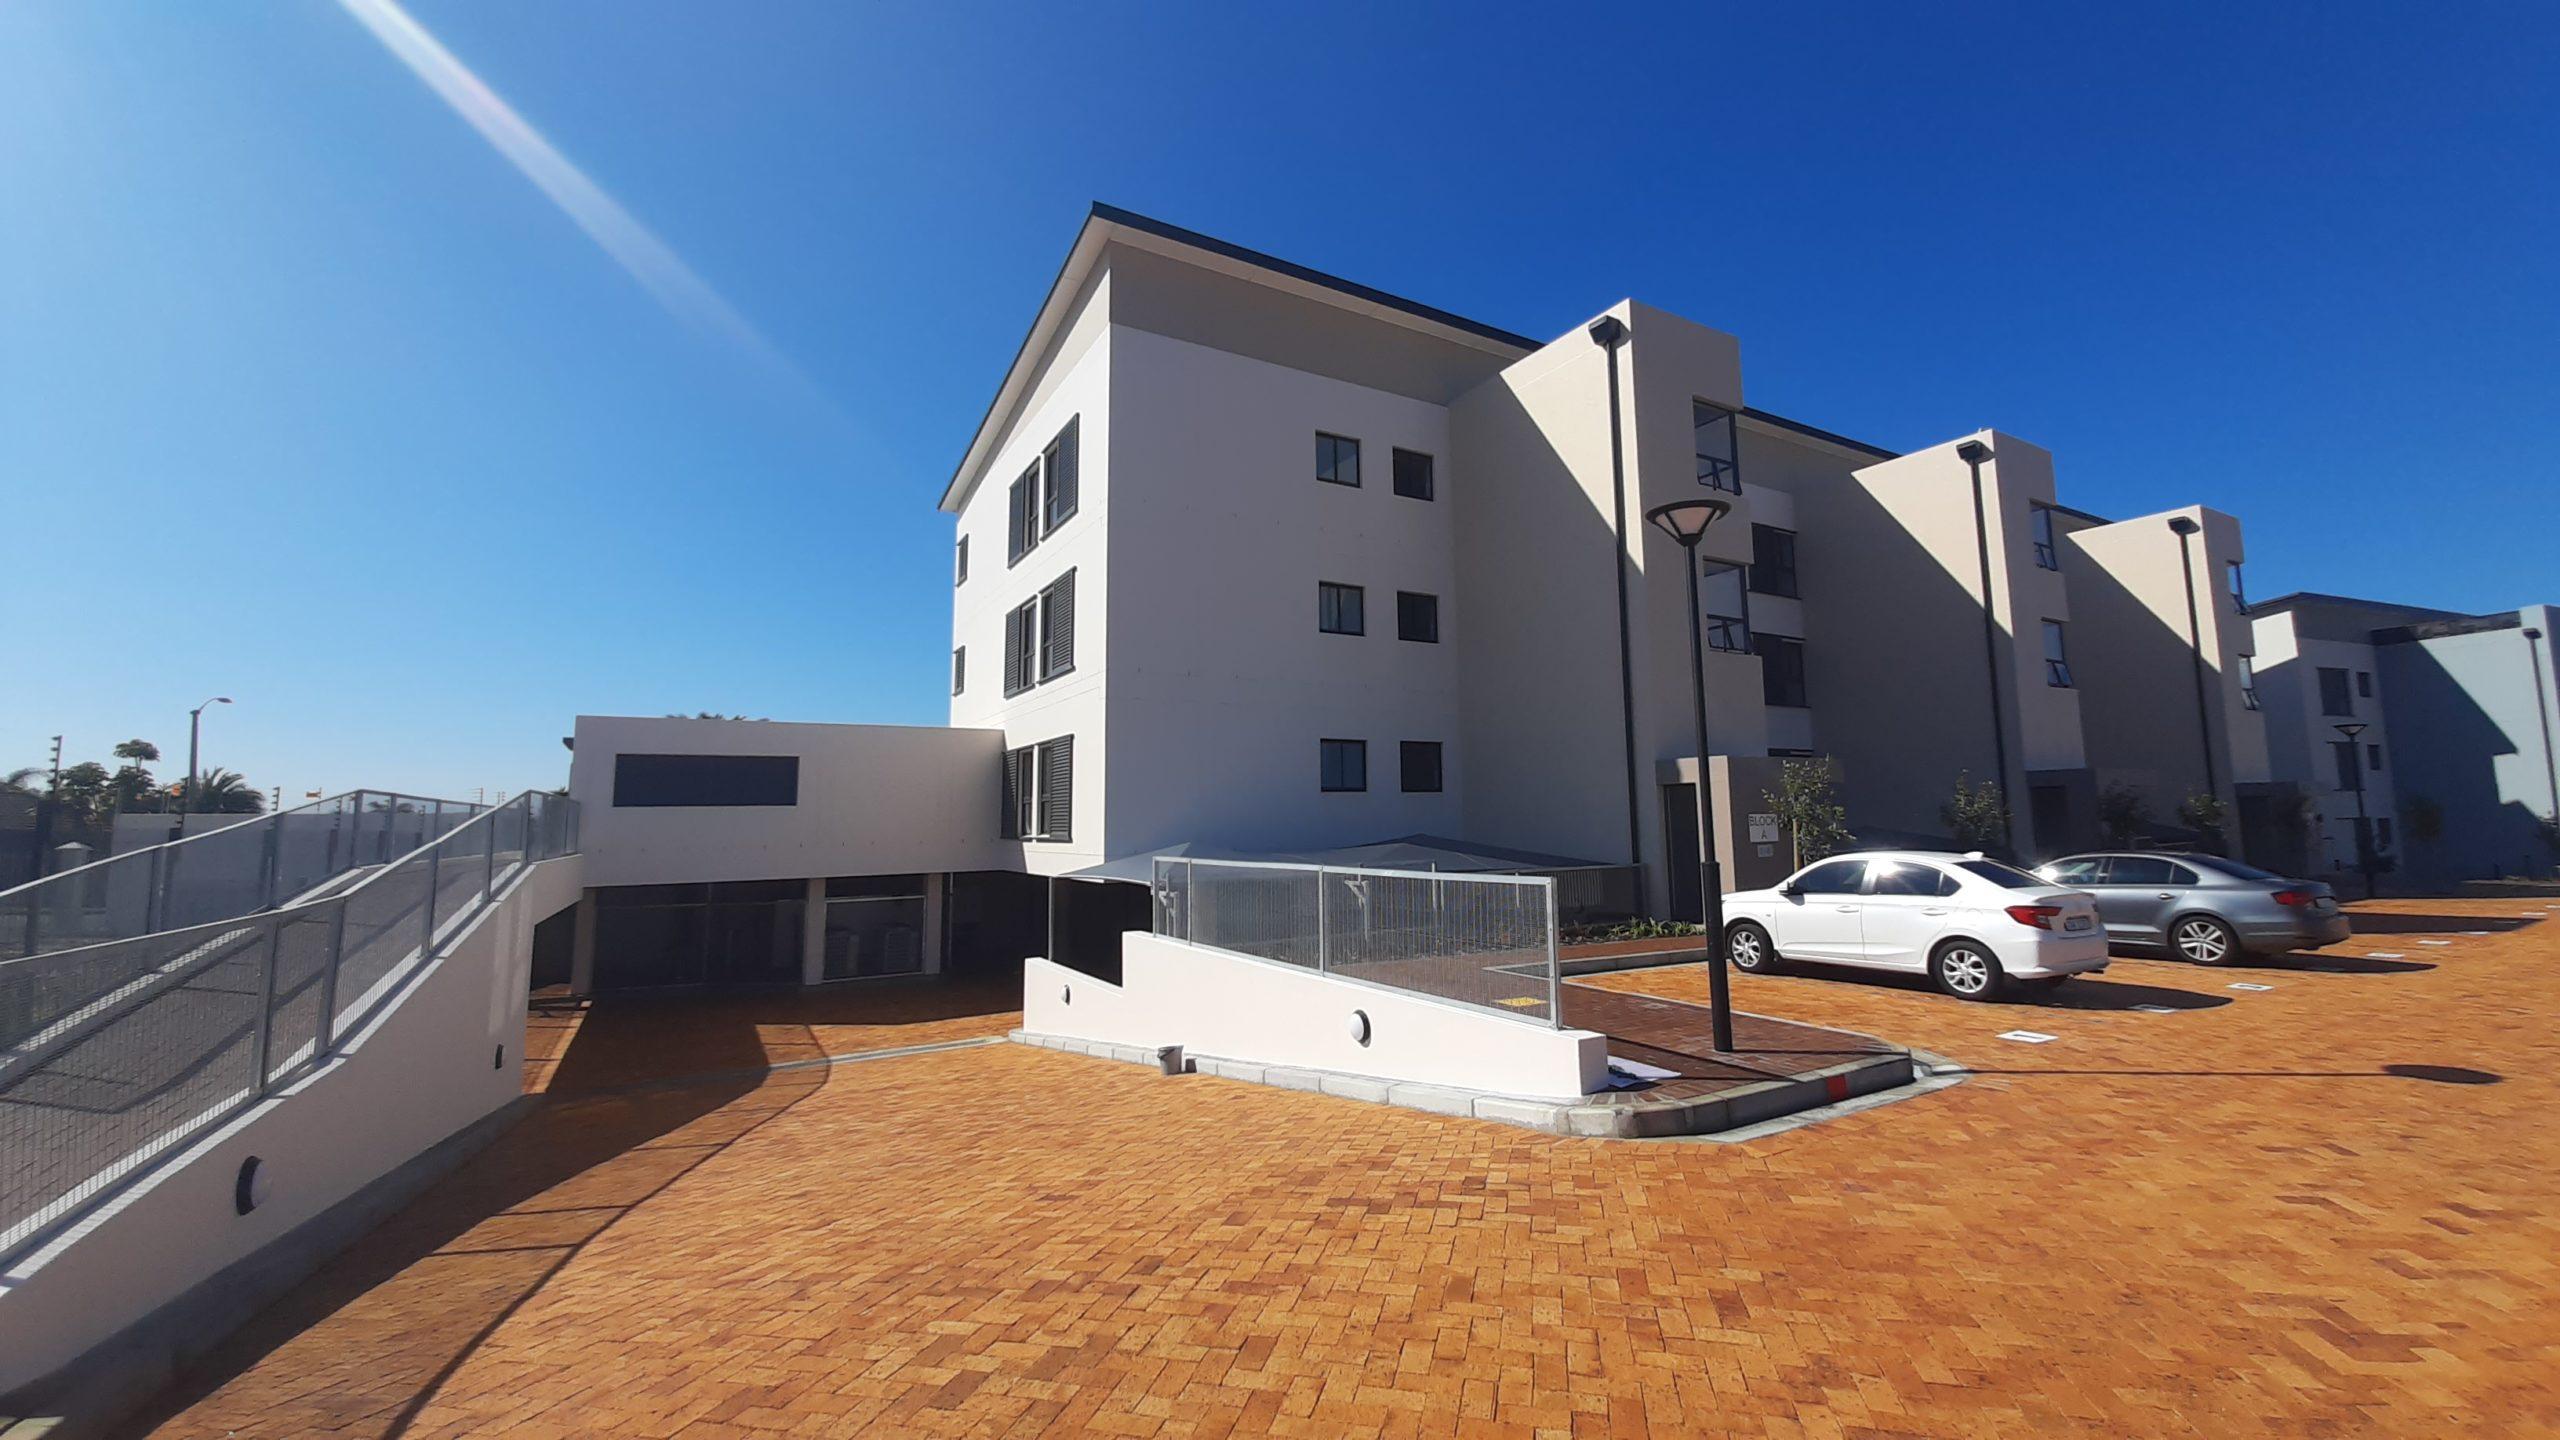 Kwali Mark Construction, Ridgeworth, Bellville, Apartments, Sunridge Heights